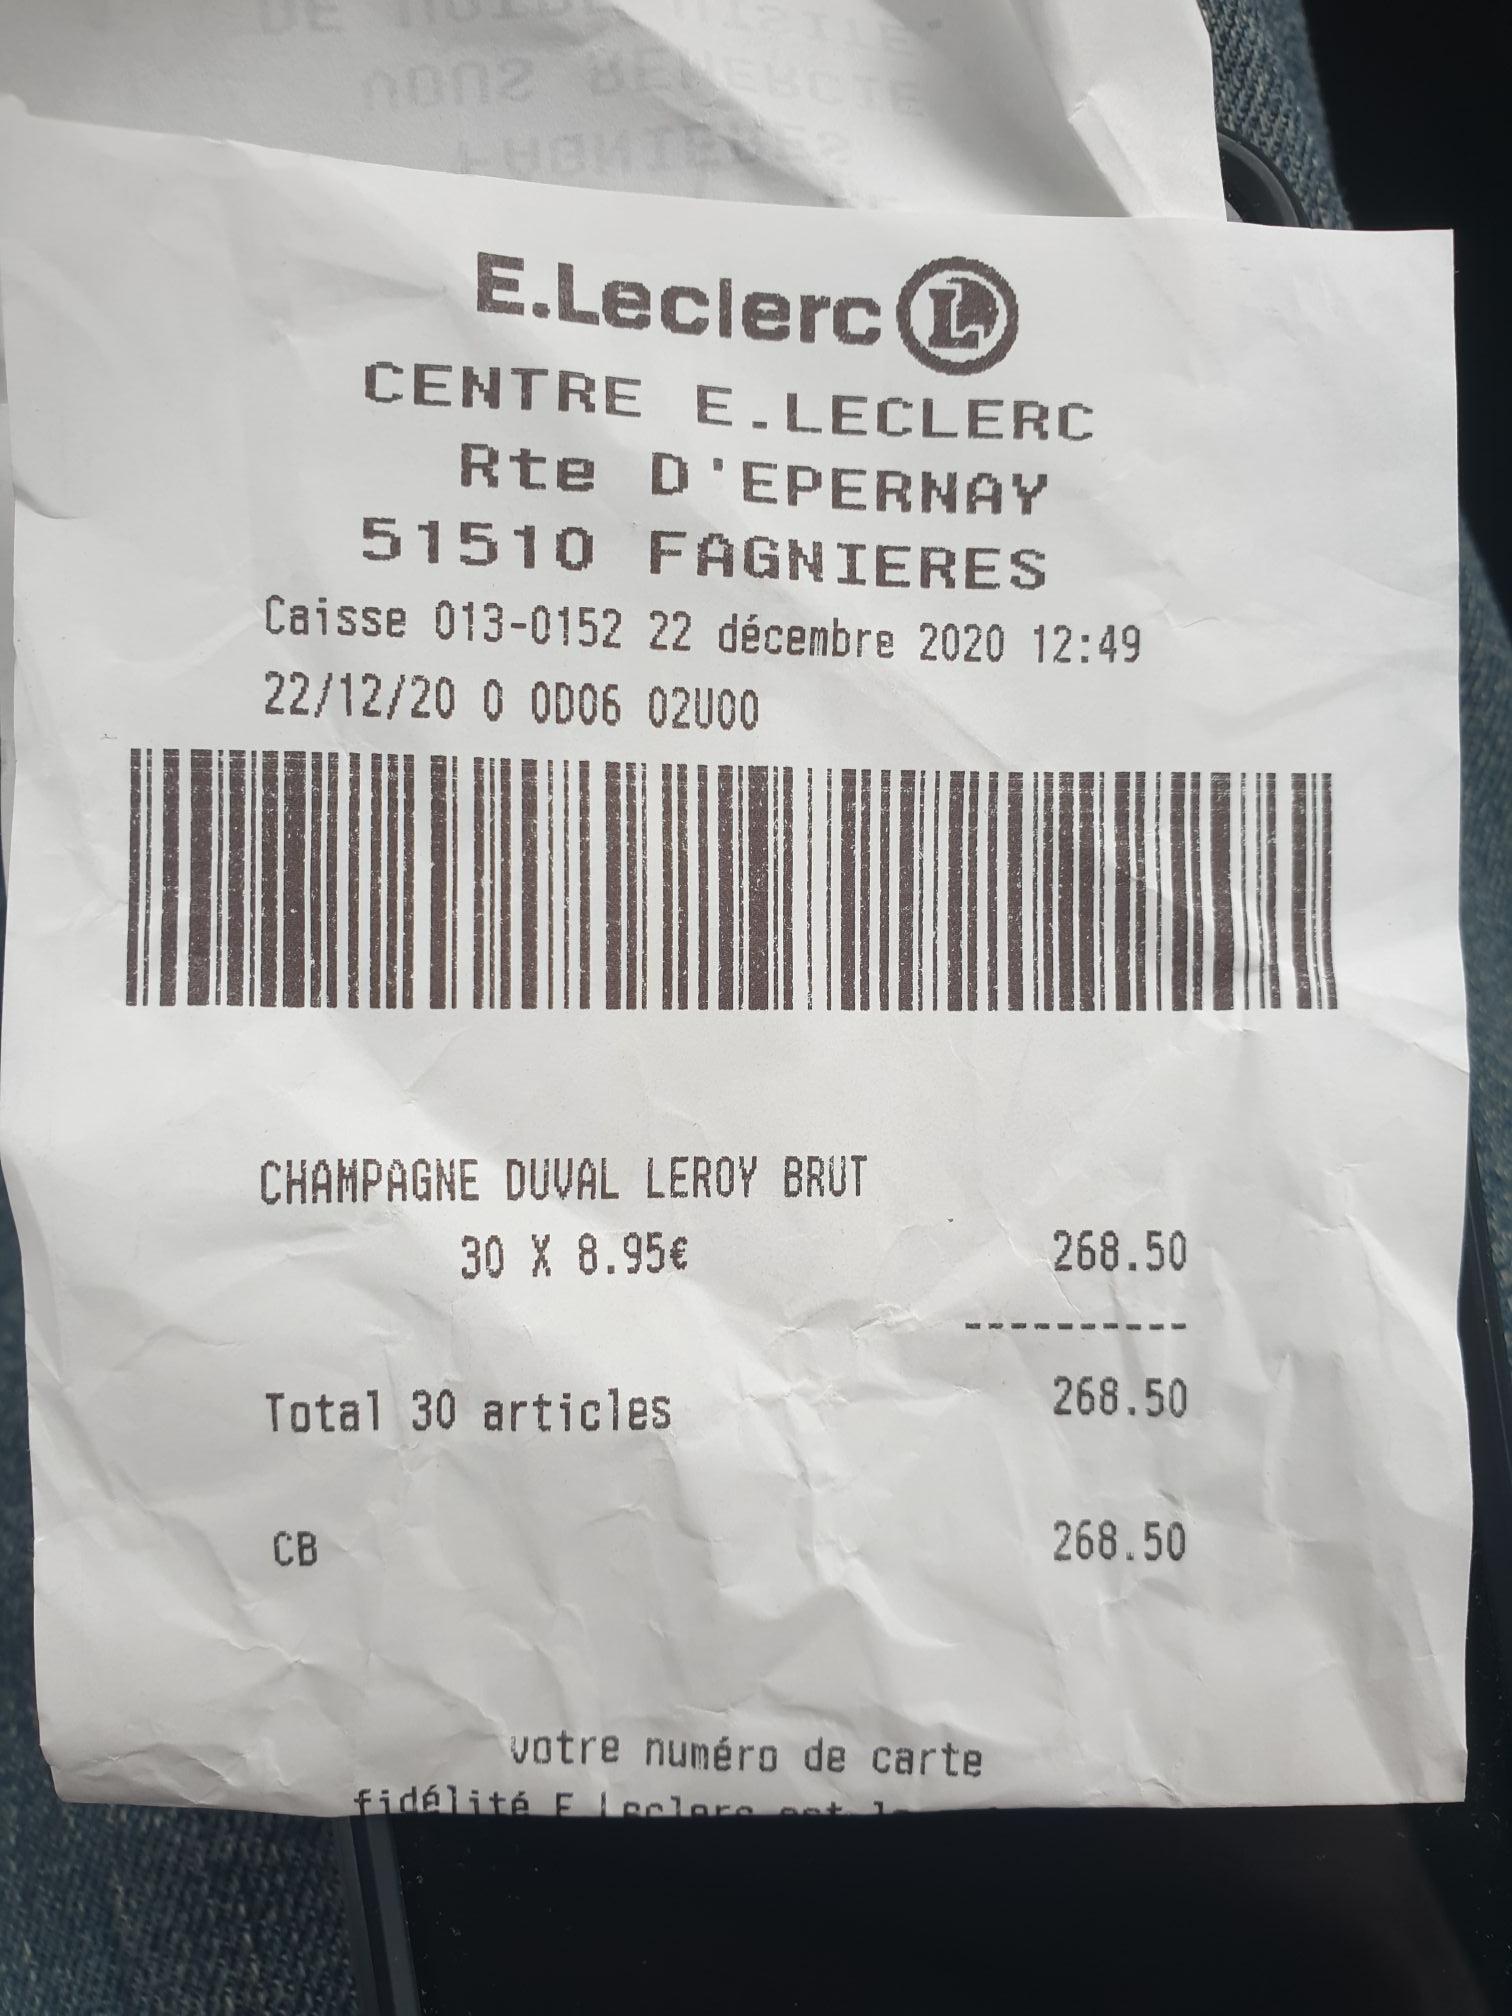 Bouteille de Champagne Duval-Leroy Brut 75 cl - Fagnières (51)